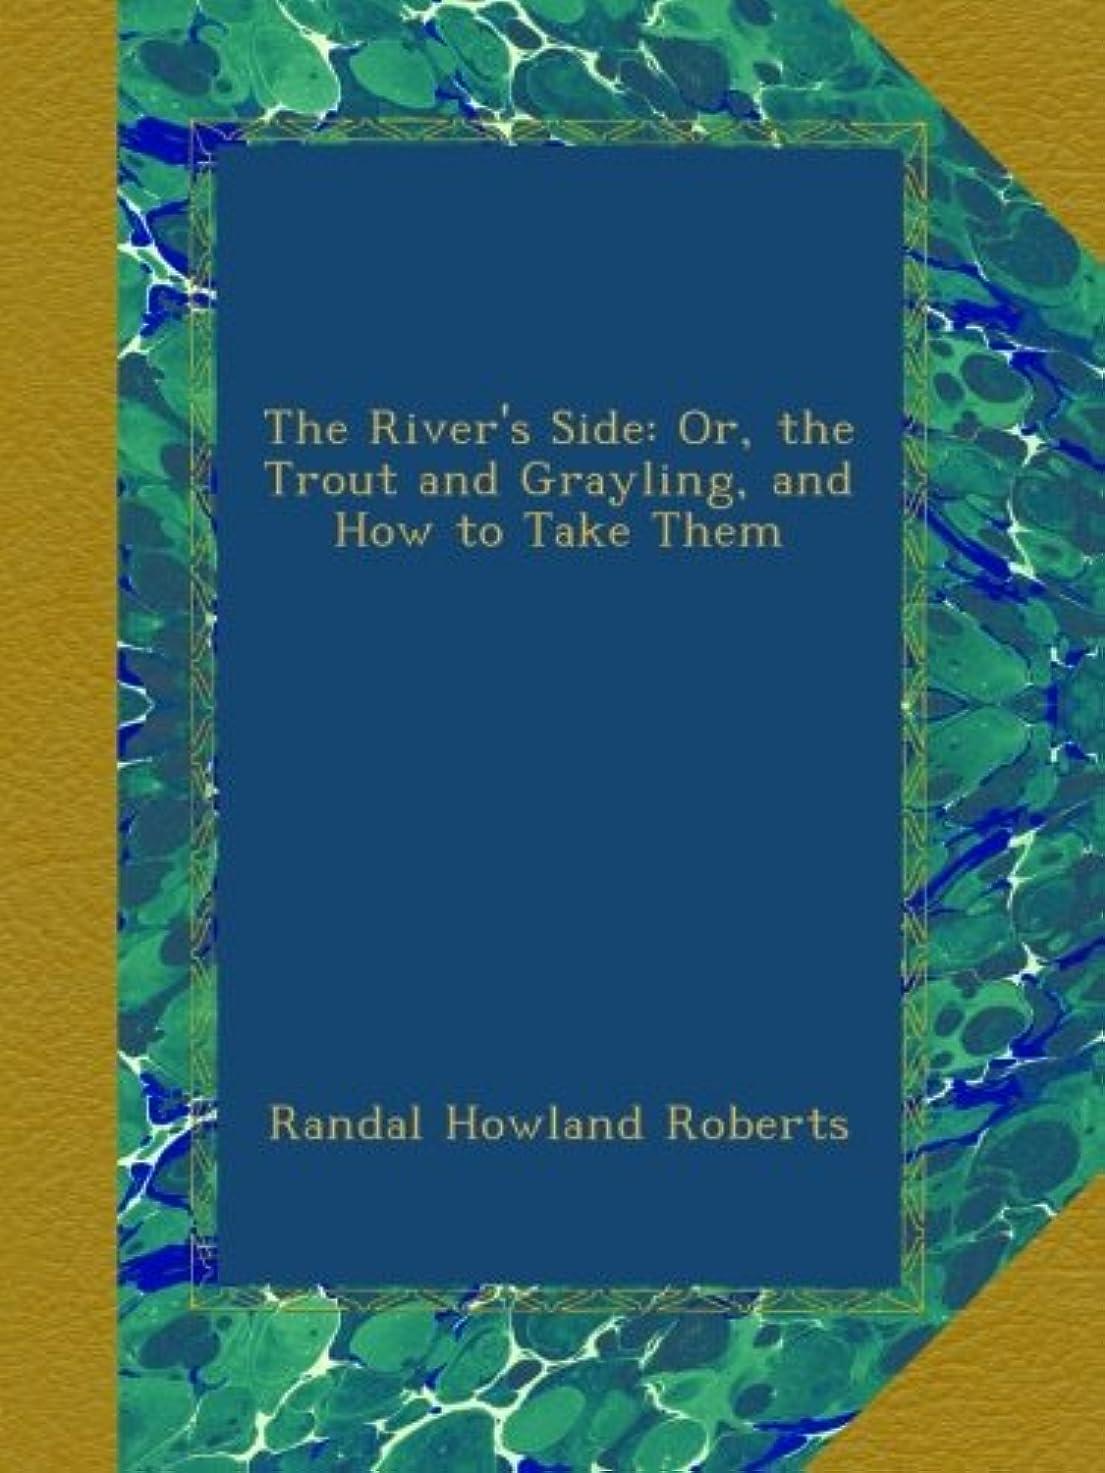 誰のそこから反応するThe River's Side: Or, the Trout and Grayling, and How to Take Them